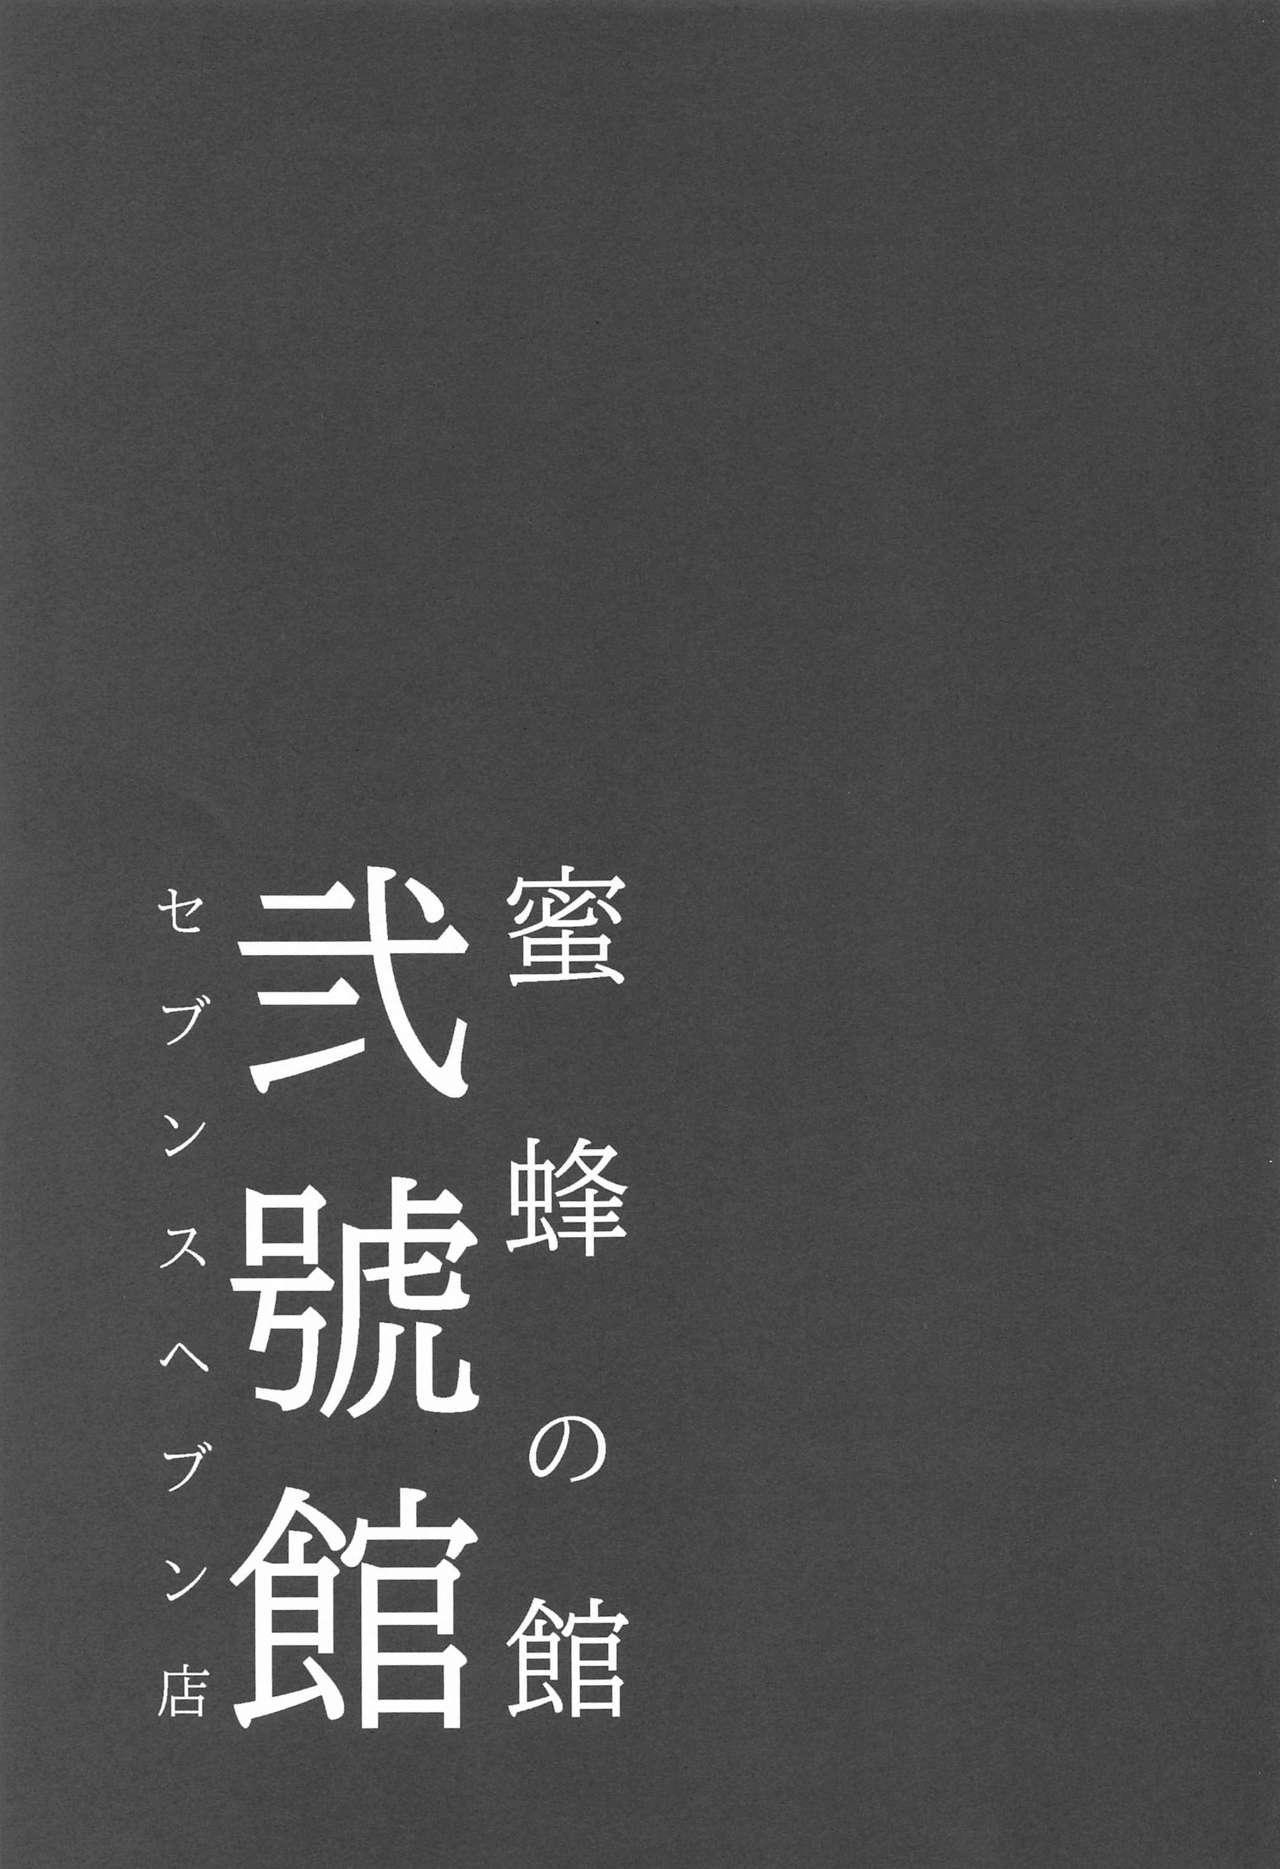 [Alice no Takarabako (Mizuryu Kei)] Mitsubachi no Yakata Nigou-kan Seventh Heaven-ten (Final Fantasy VII) 47